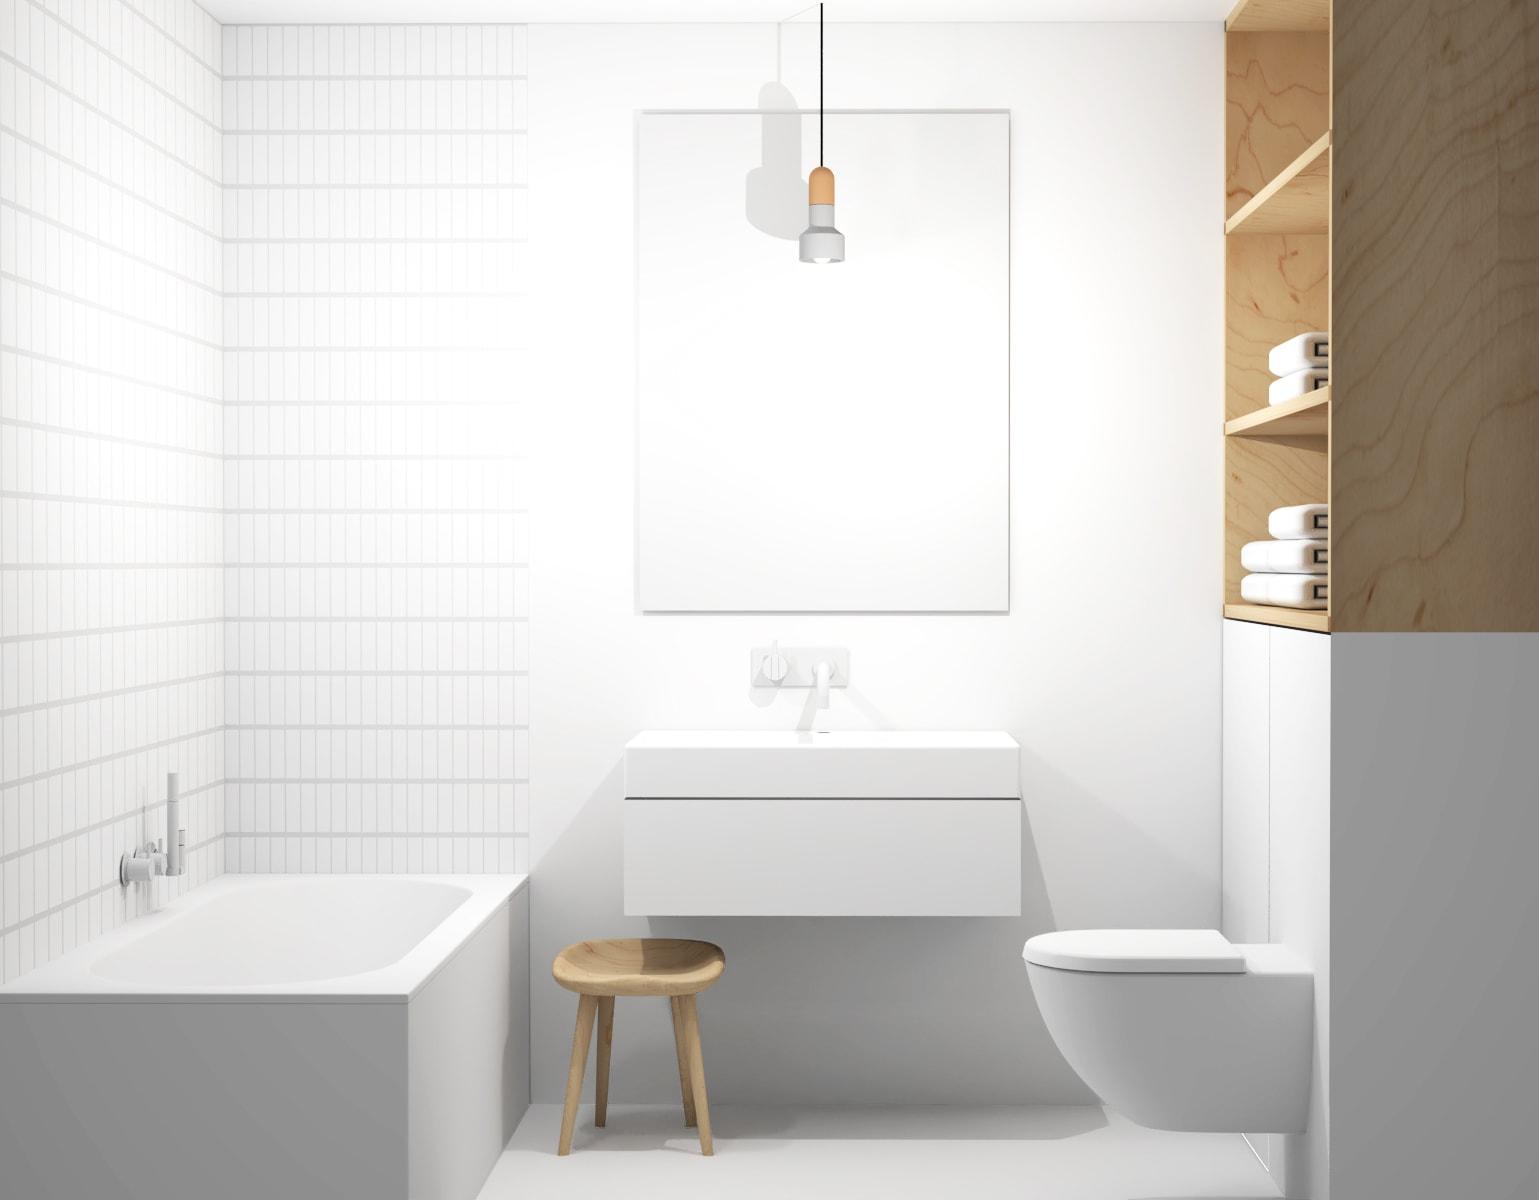 Interieur witte badkamer met kleine tegels en natuurlijk houten kast